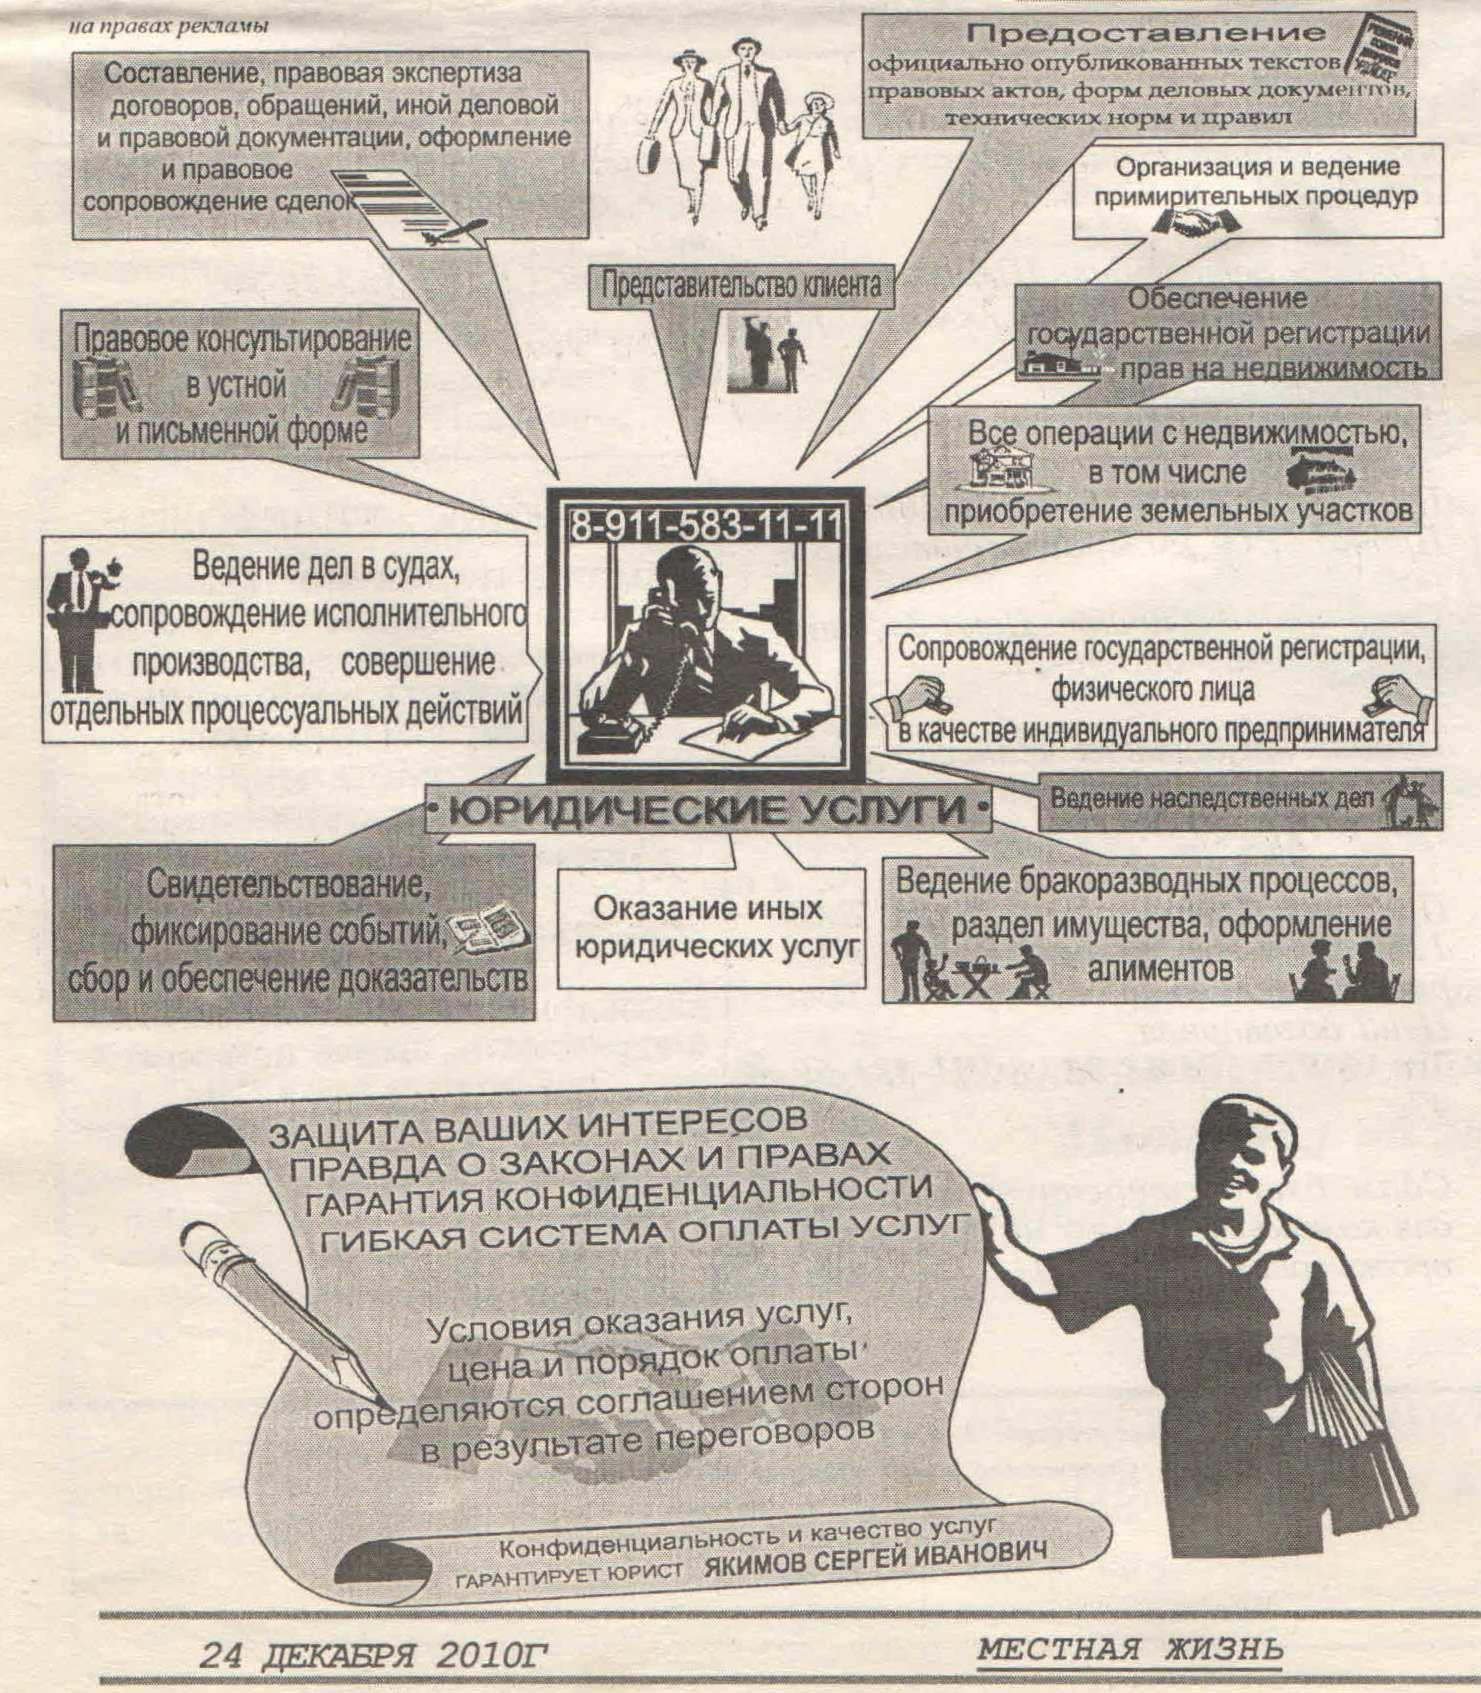 """Газета """"Местная жизнь"""" от 24.12.2010.Реклама ИП Якимов С.И."""